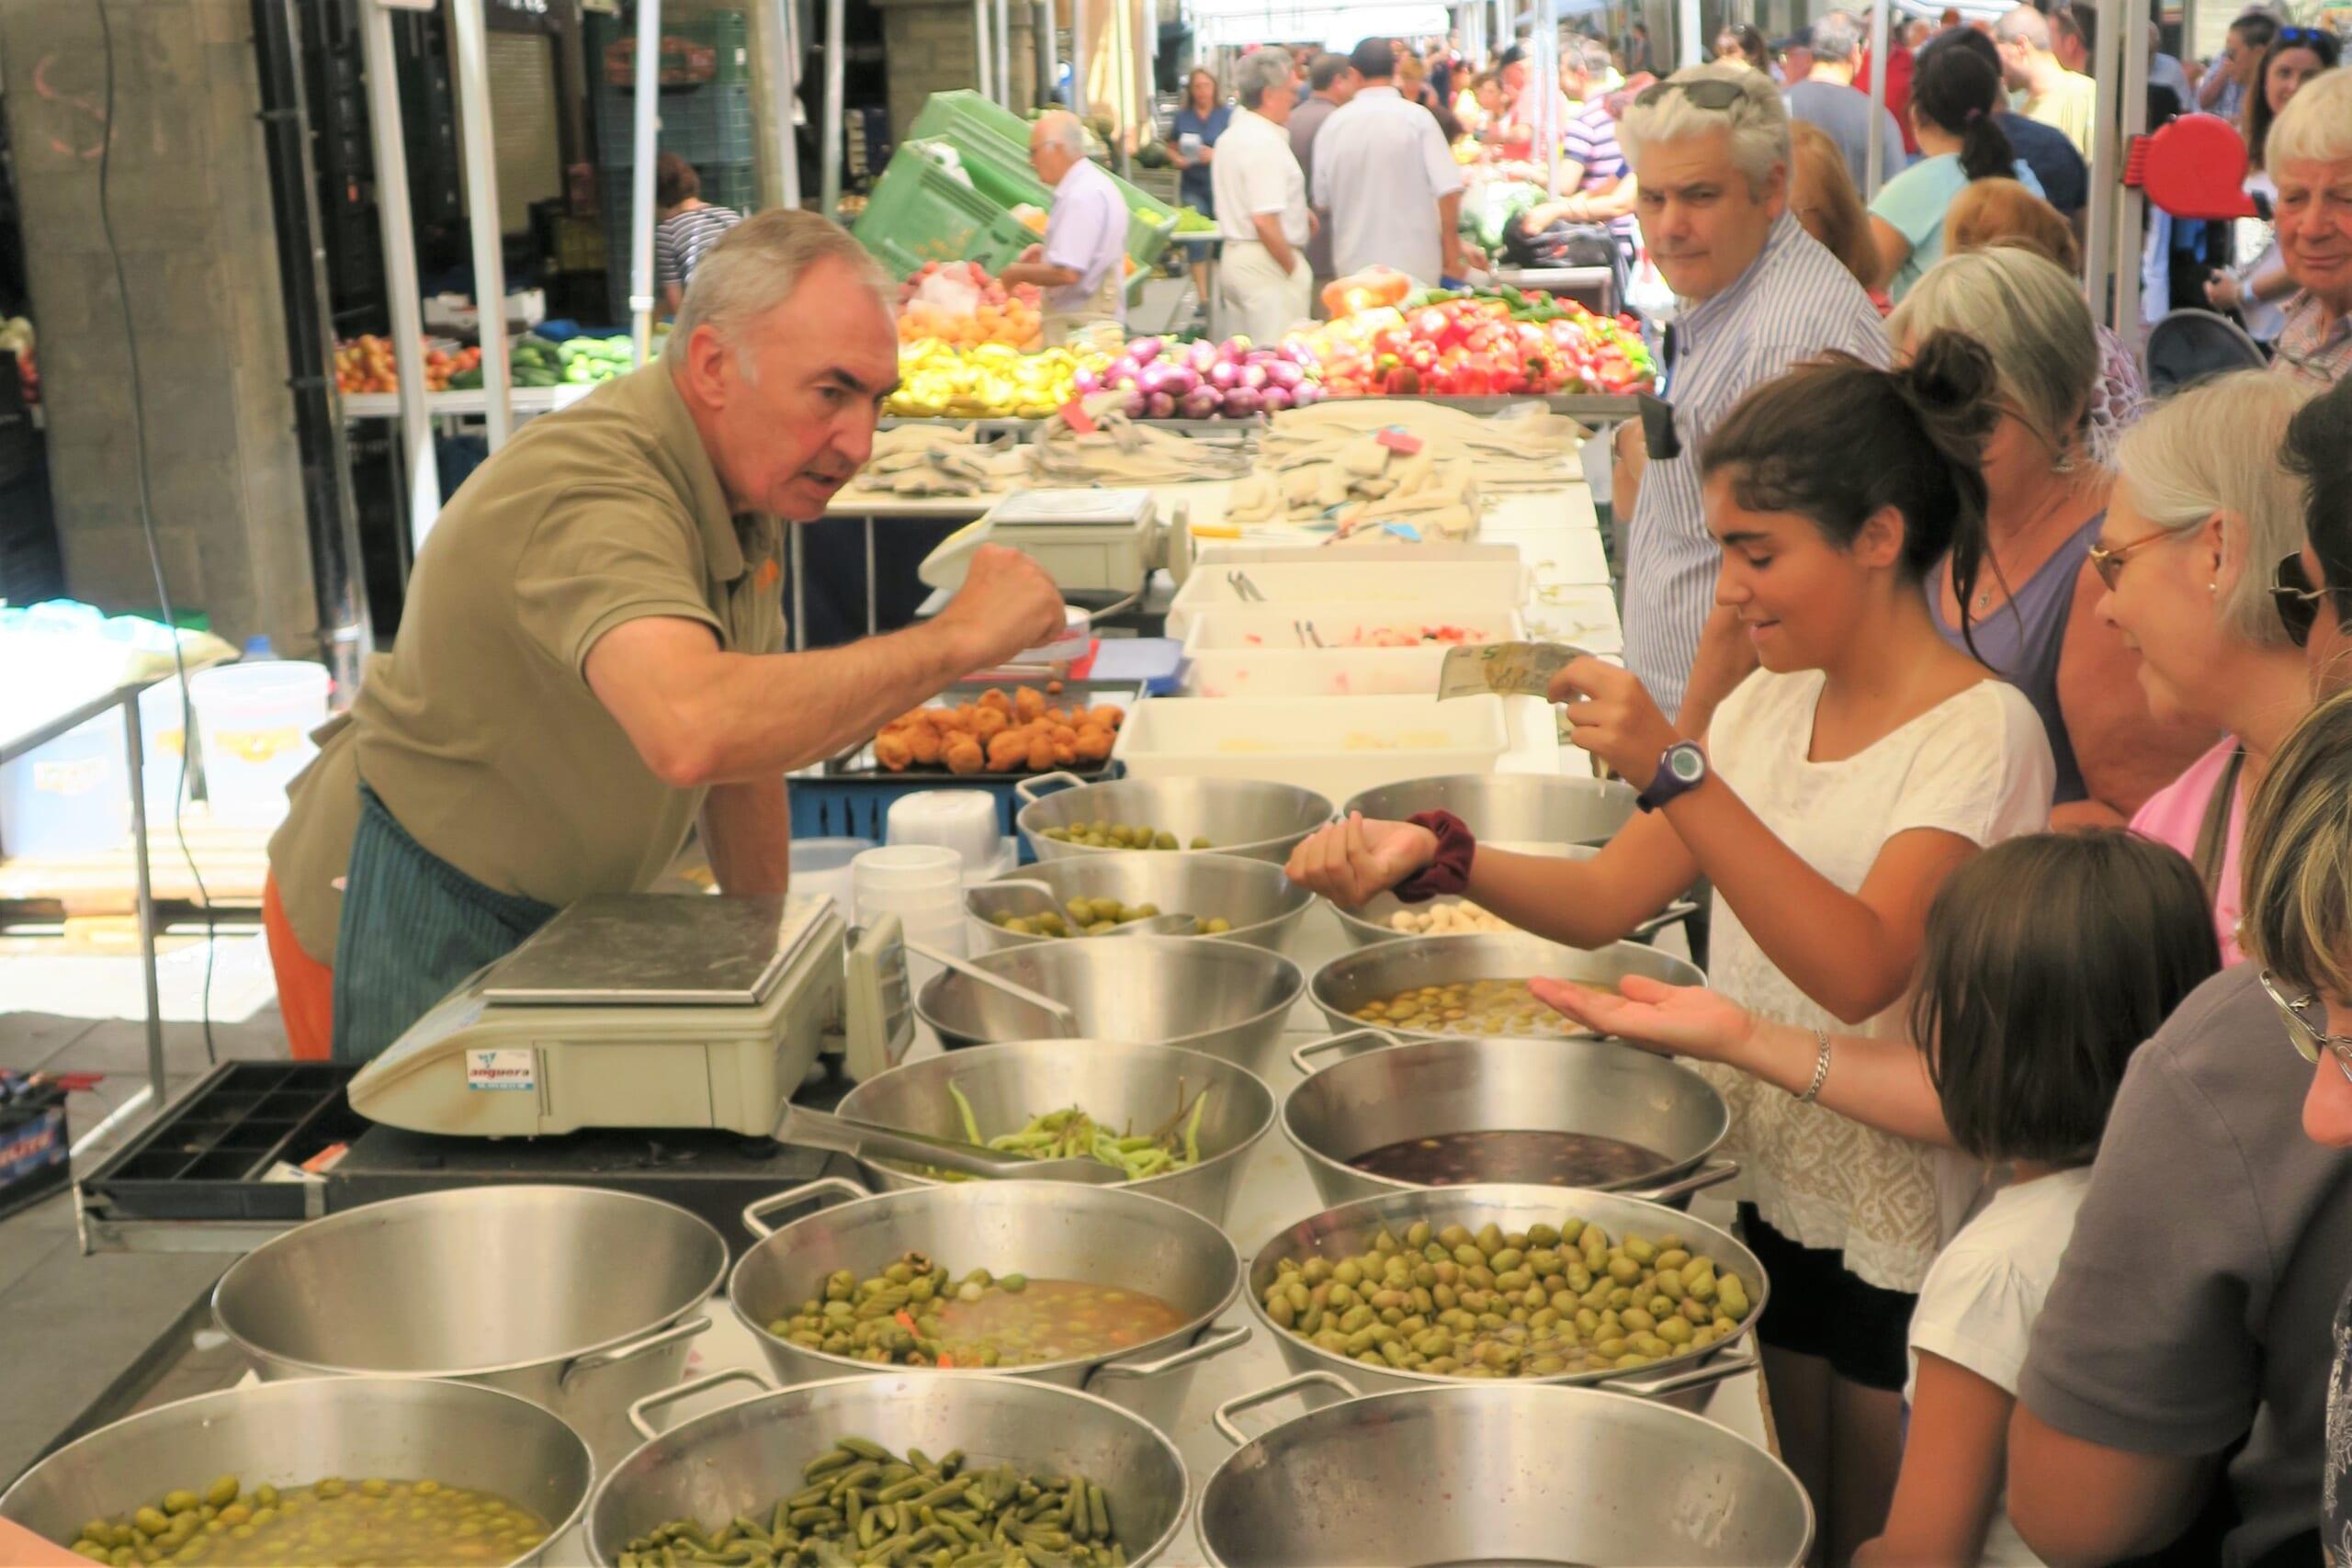 北スペインの観光スポットであるピレネー山中の市場